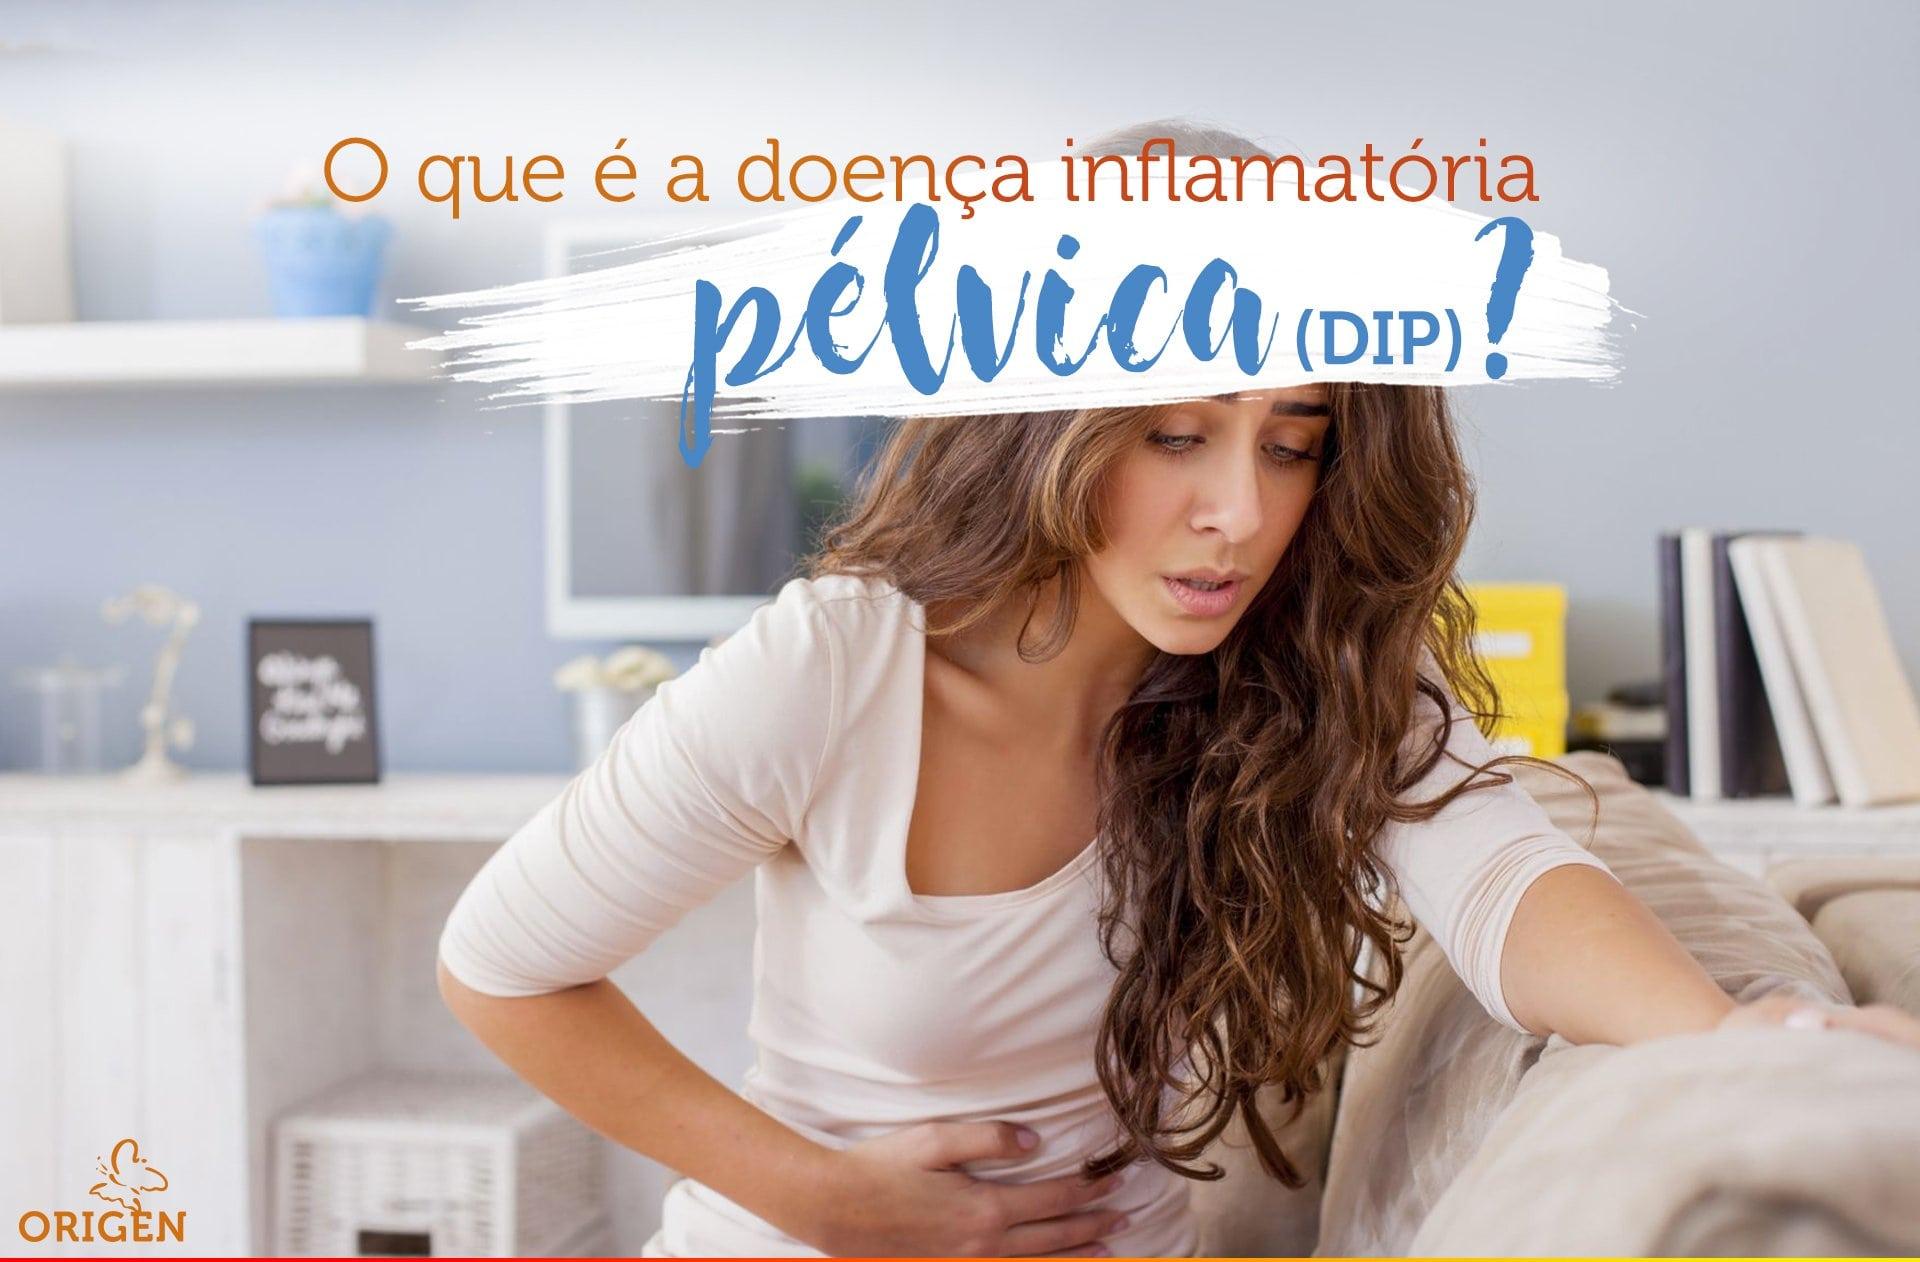 O que é a doença inflamatória pélvica (DIP)?